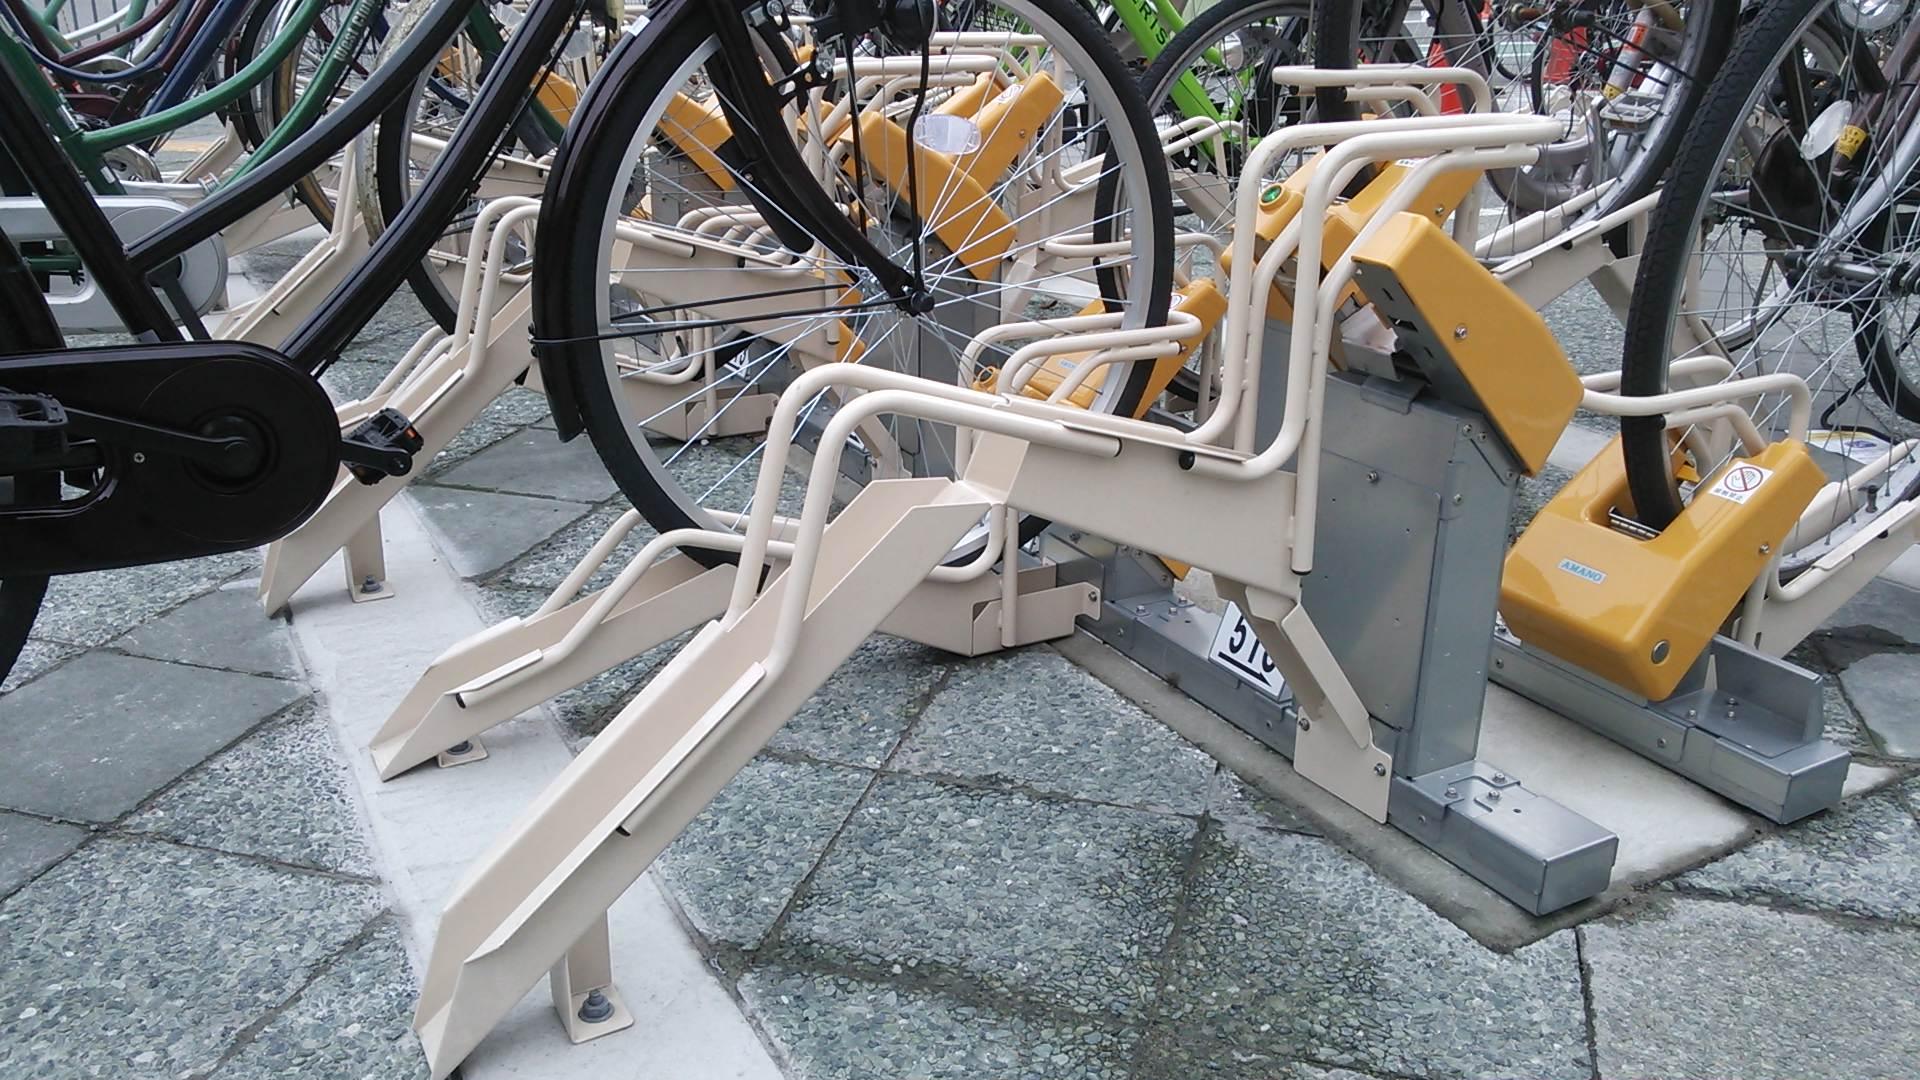 駅前の放置自転車は3月1日からは撤去されます。